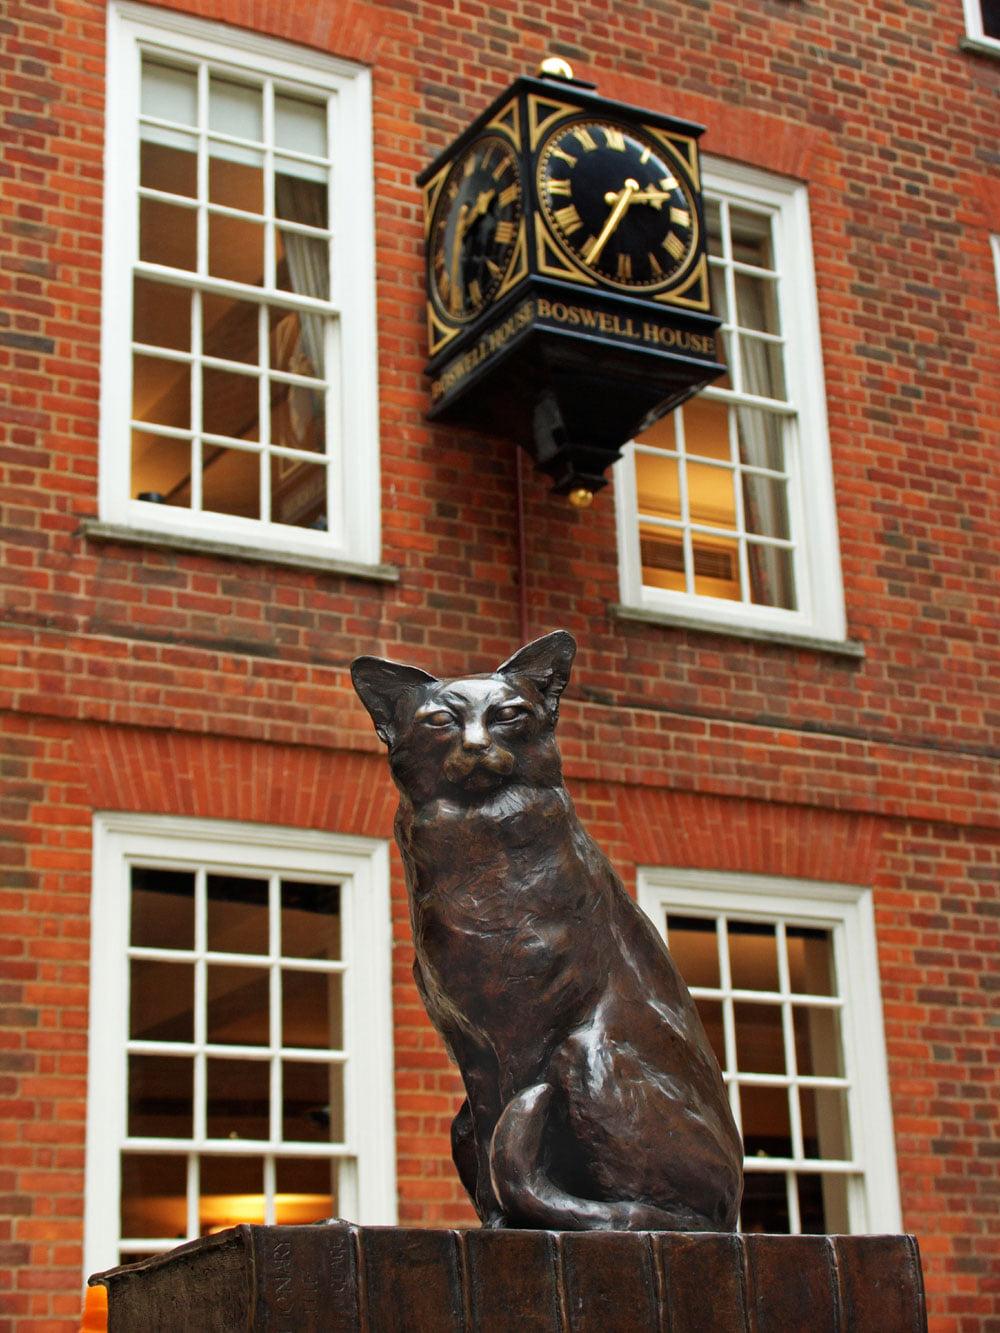 У Сэмюэла Джонсона, ученого, поэта и критика эпохи Просвещения, составившего толковый словарь английского языка в 1755 году, был кот по кличке Ходж. Скульптура былв установлена в 1997 году напротив Дома-музея Джонсона и изображает Ходжа, сидящего на словаре. На памятнике выгравированы слова хозяина: «Действительно, очень хороший кот».Скульптор Джон Бикли.